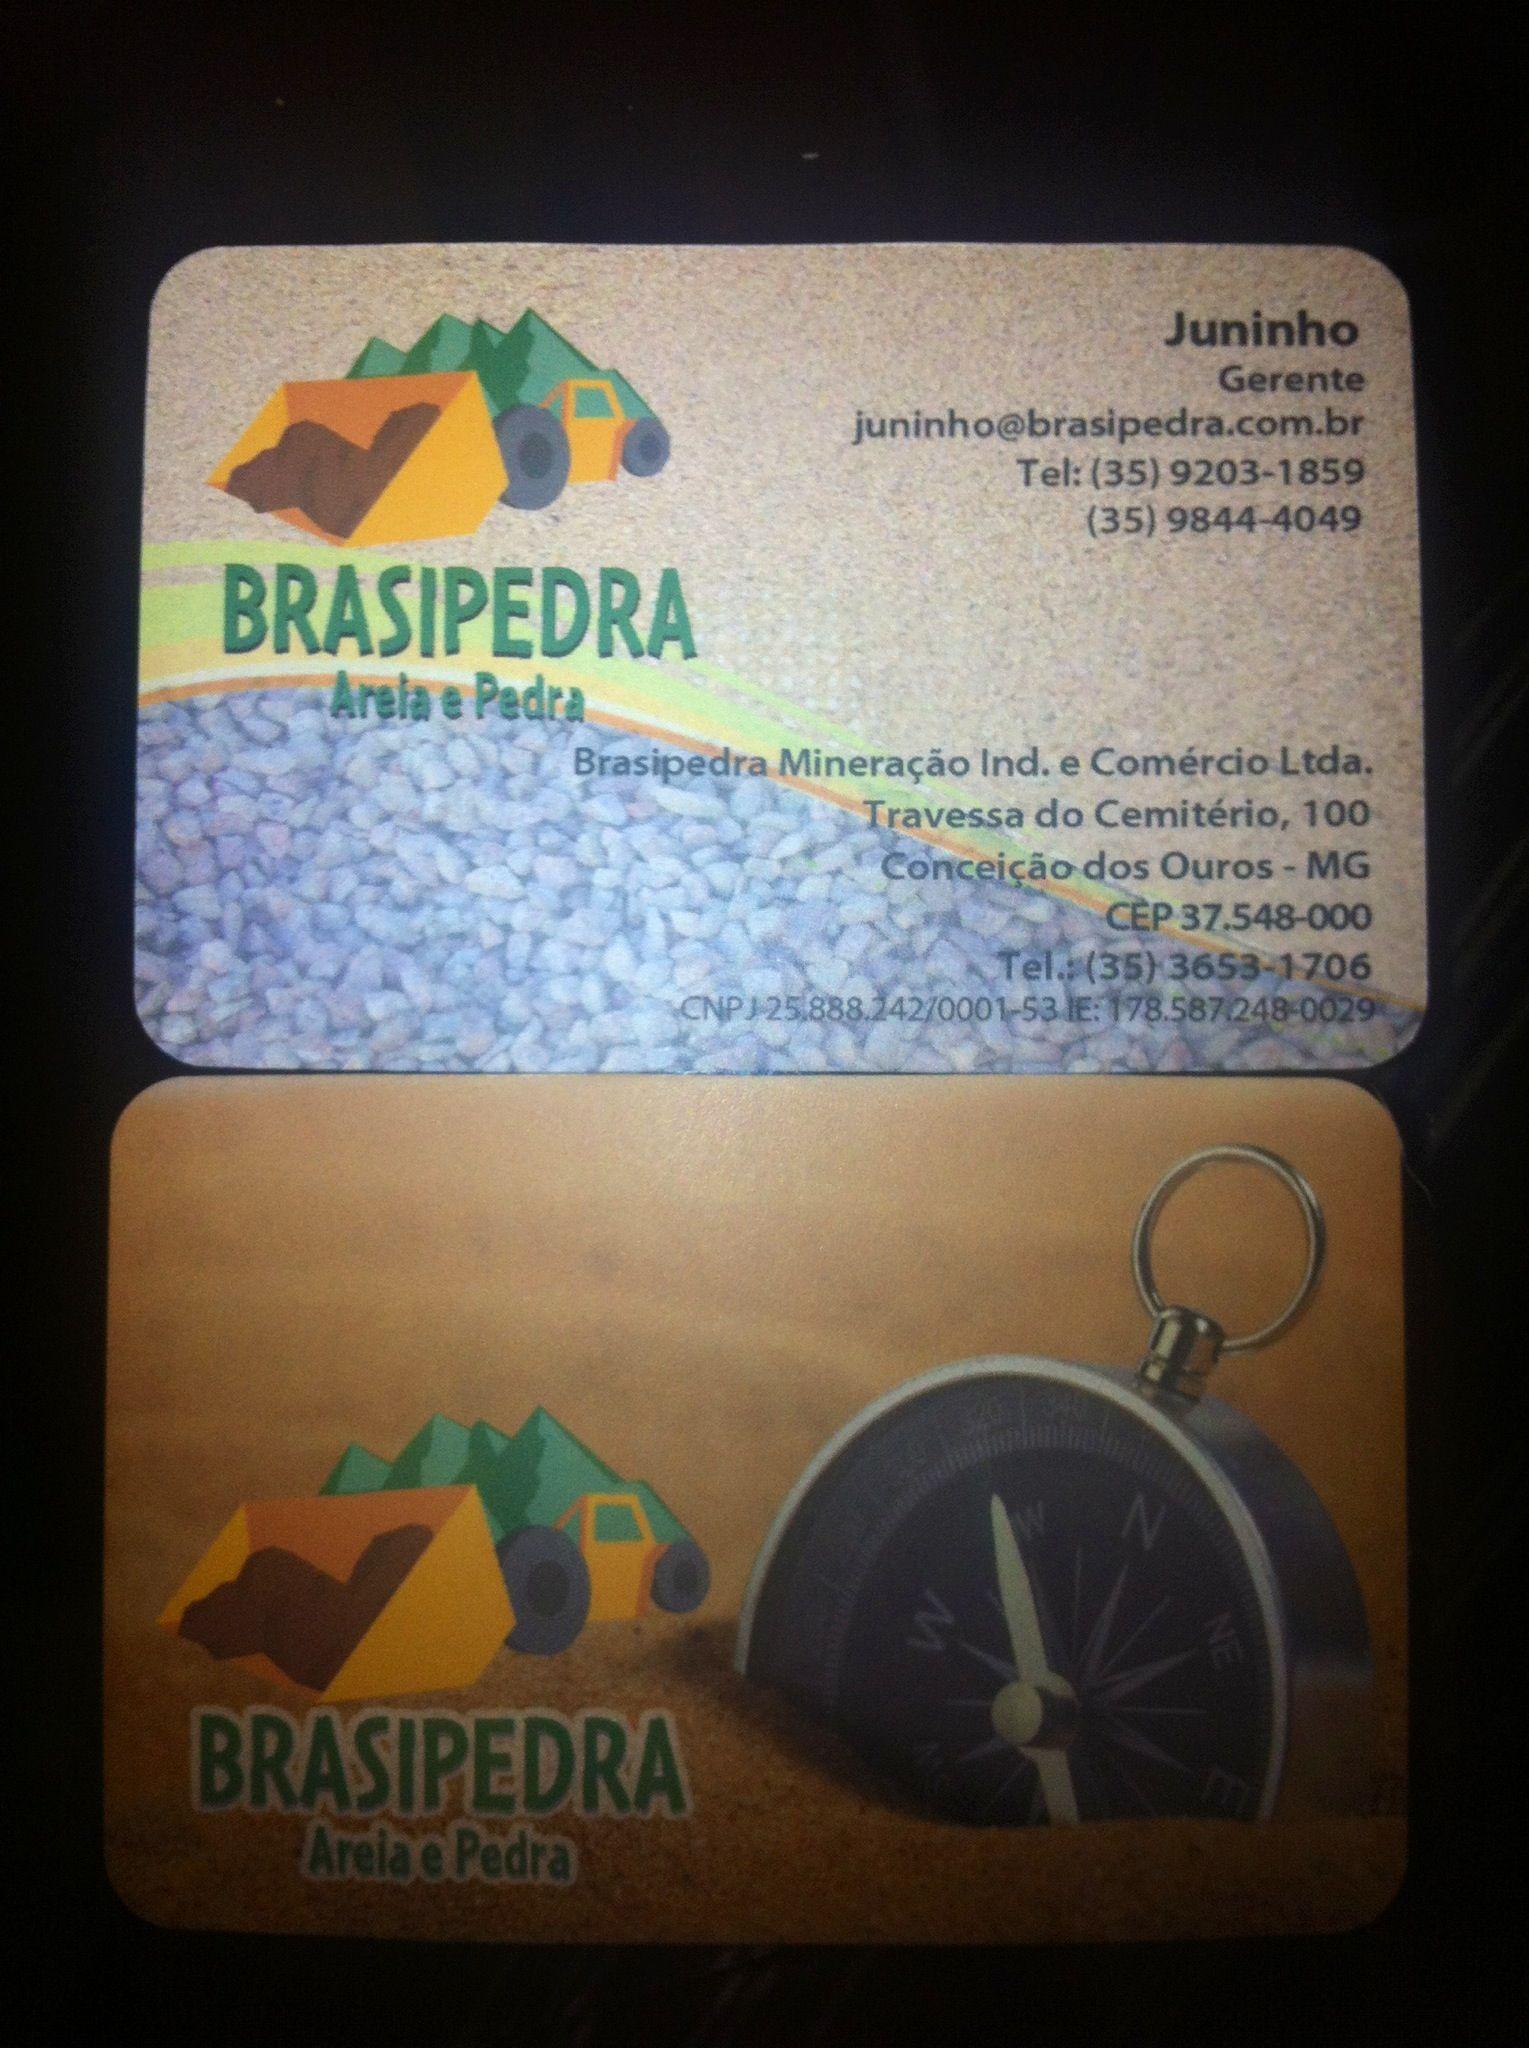 Brasipedra Mineração Ind. e Comércio Full colour both sides 350 GSM Rounded corners